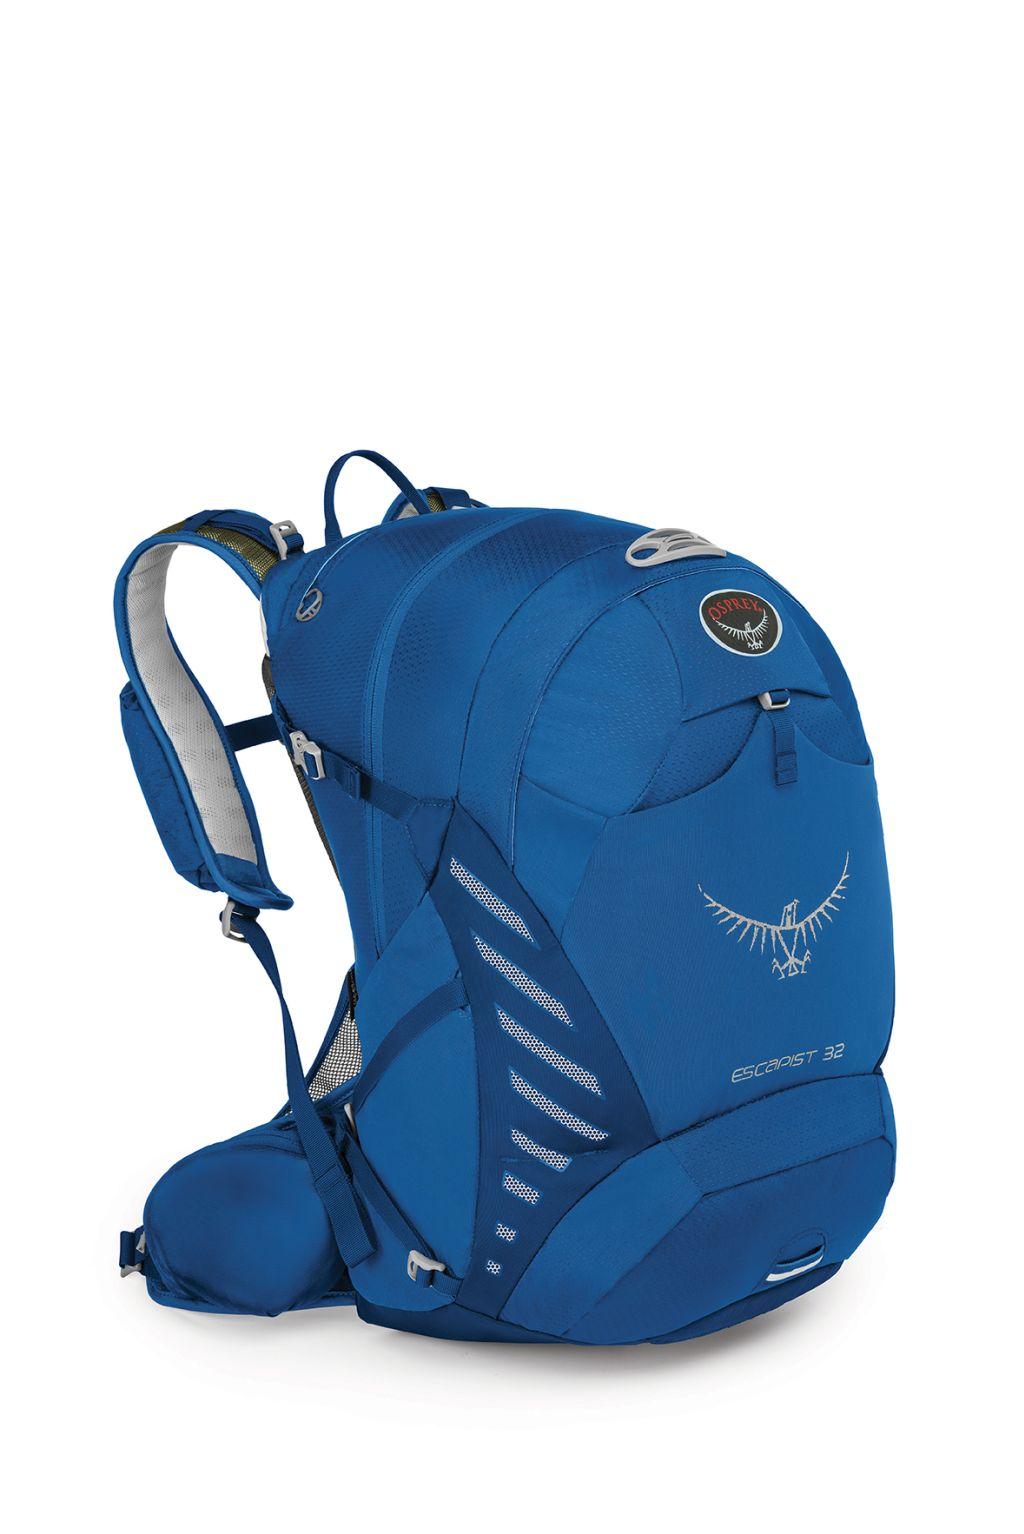 Osprey Escapist 32 Indigo Blue-30